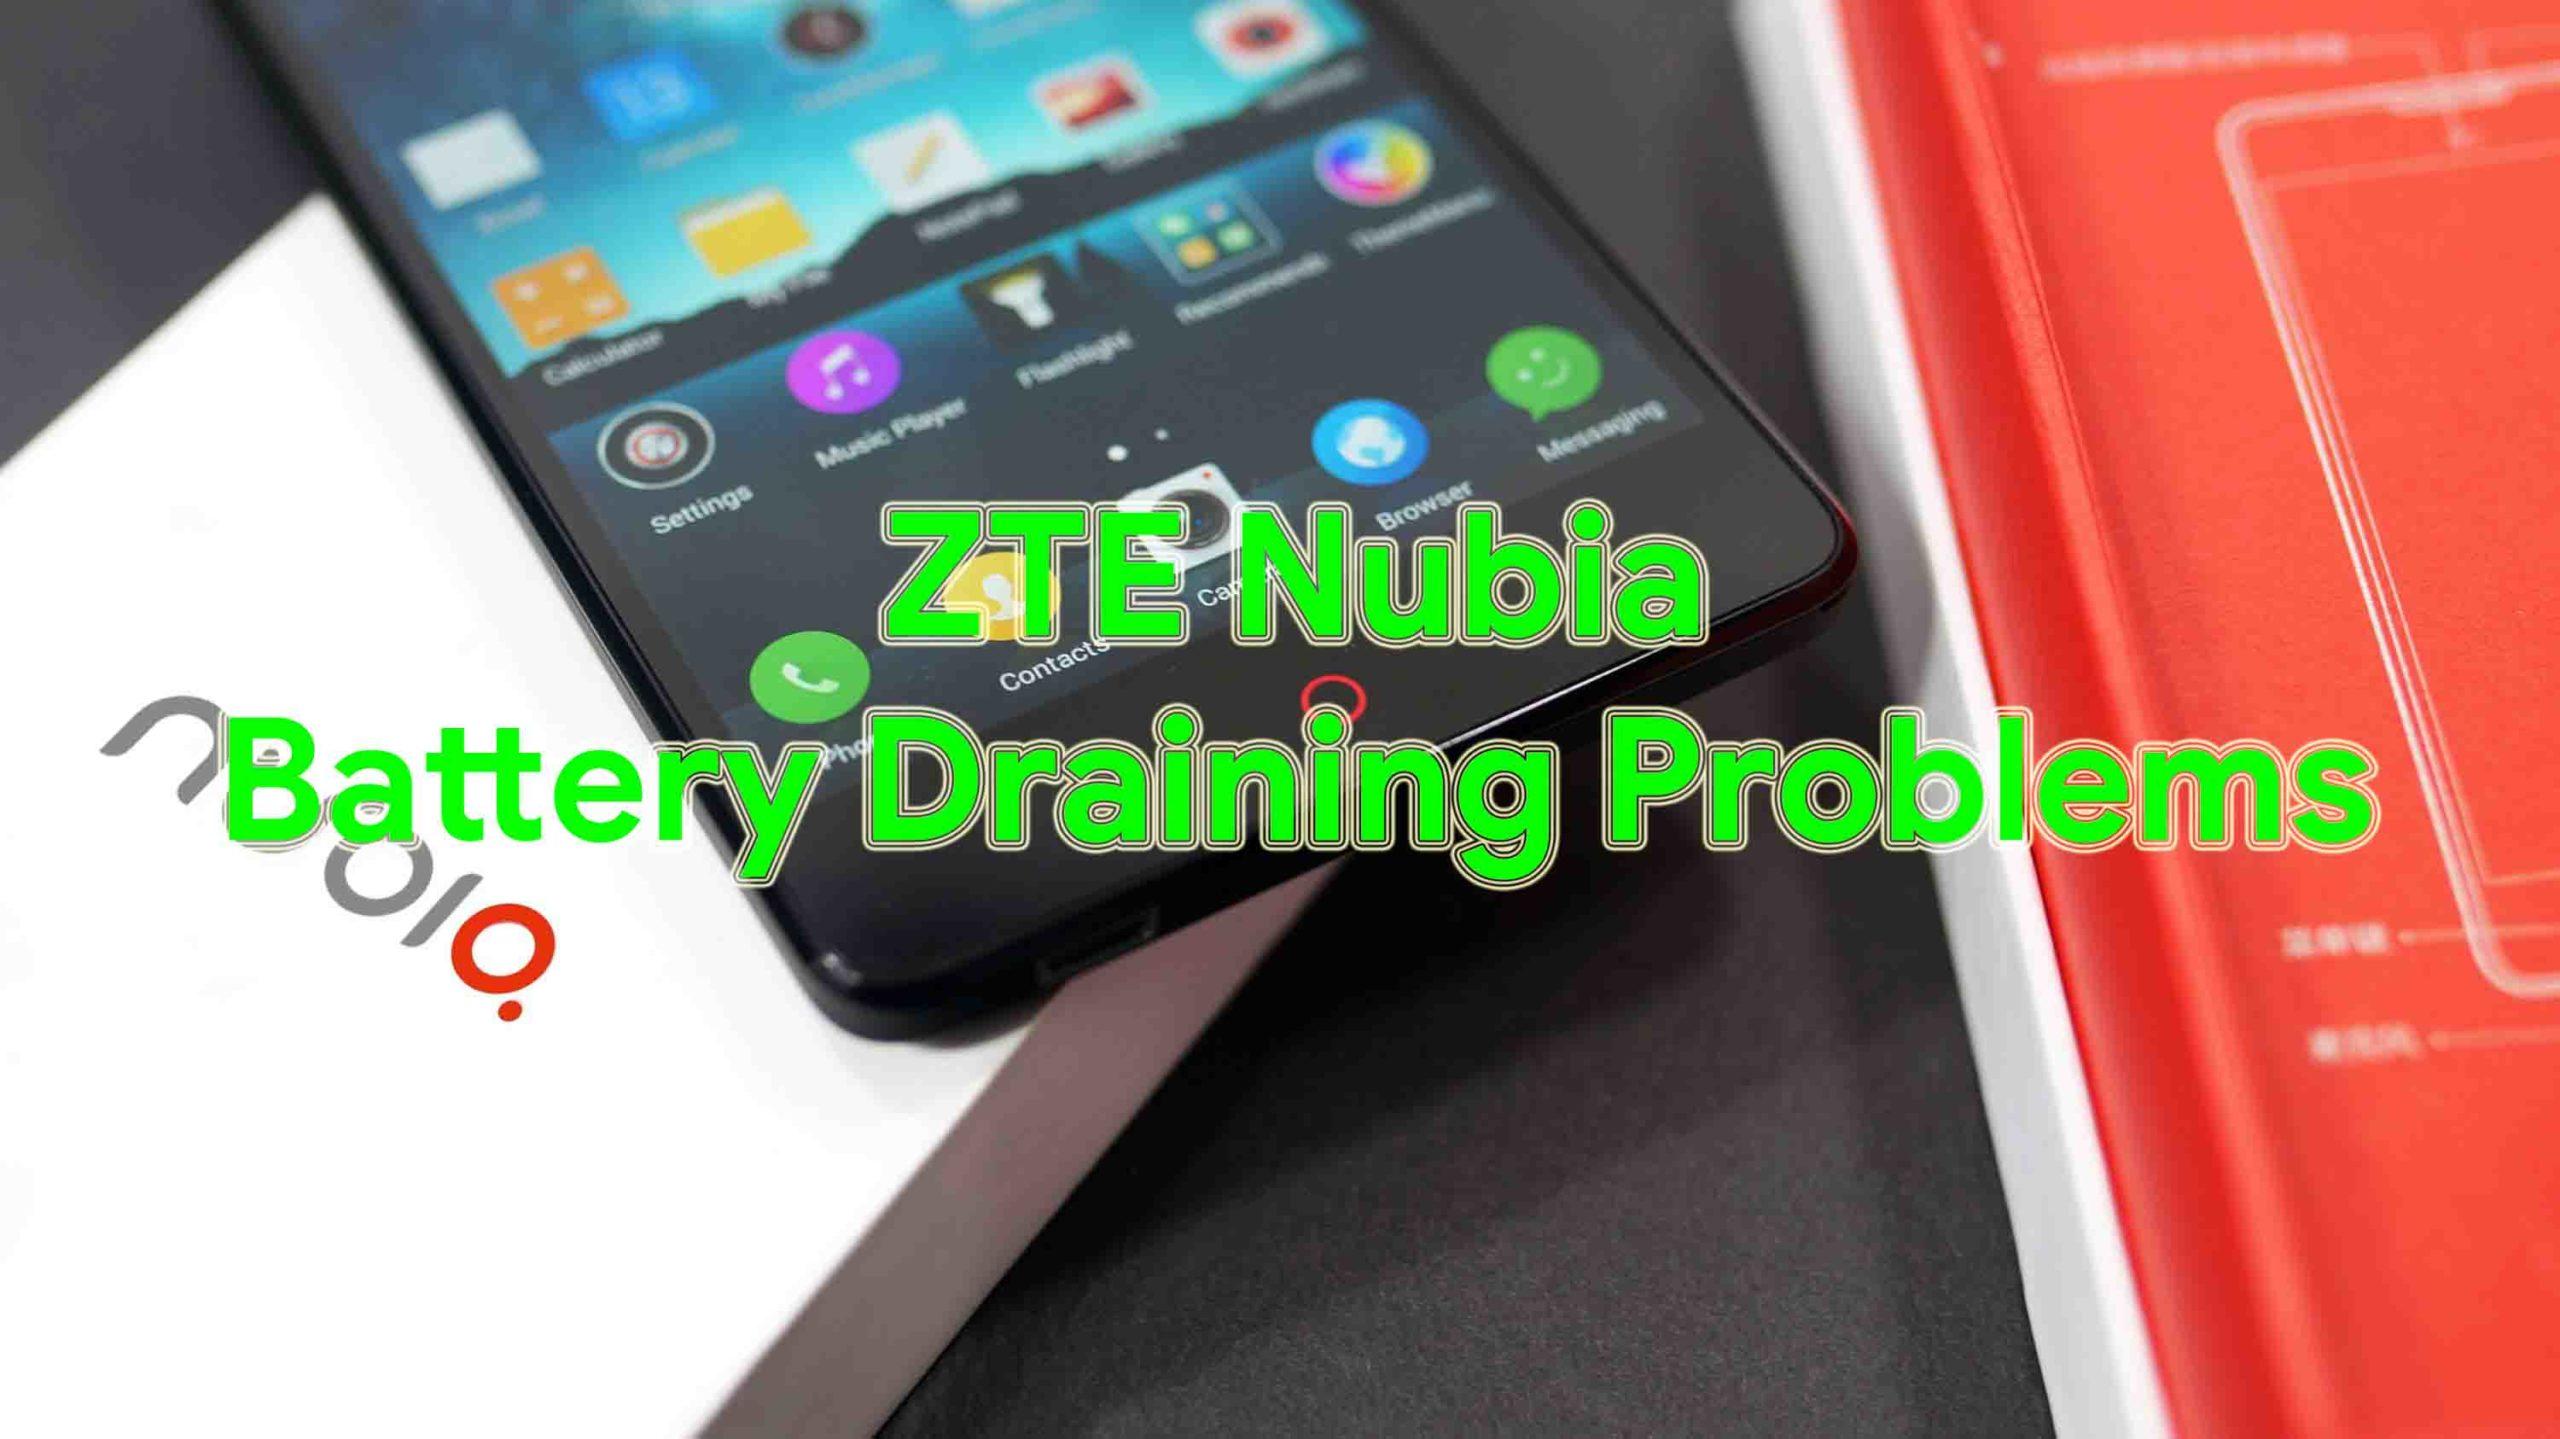 Cómo solucionar los problemas de descarga de la batería ZTE Nubia - Solución de problemas y soluciones